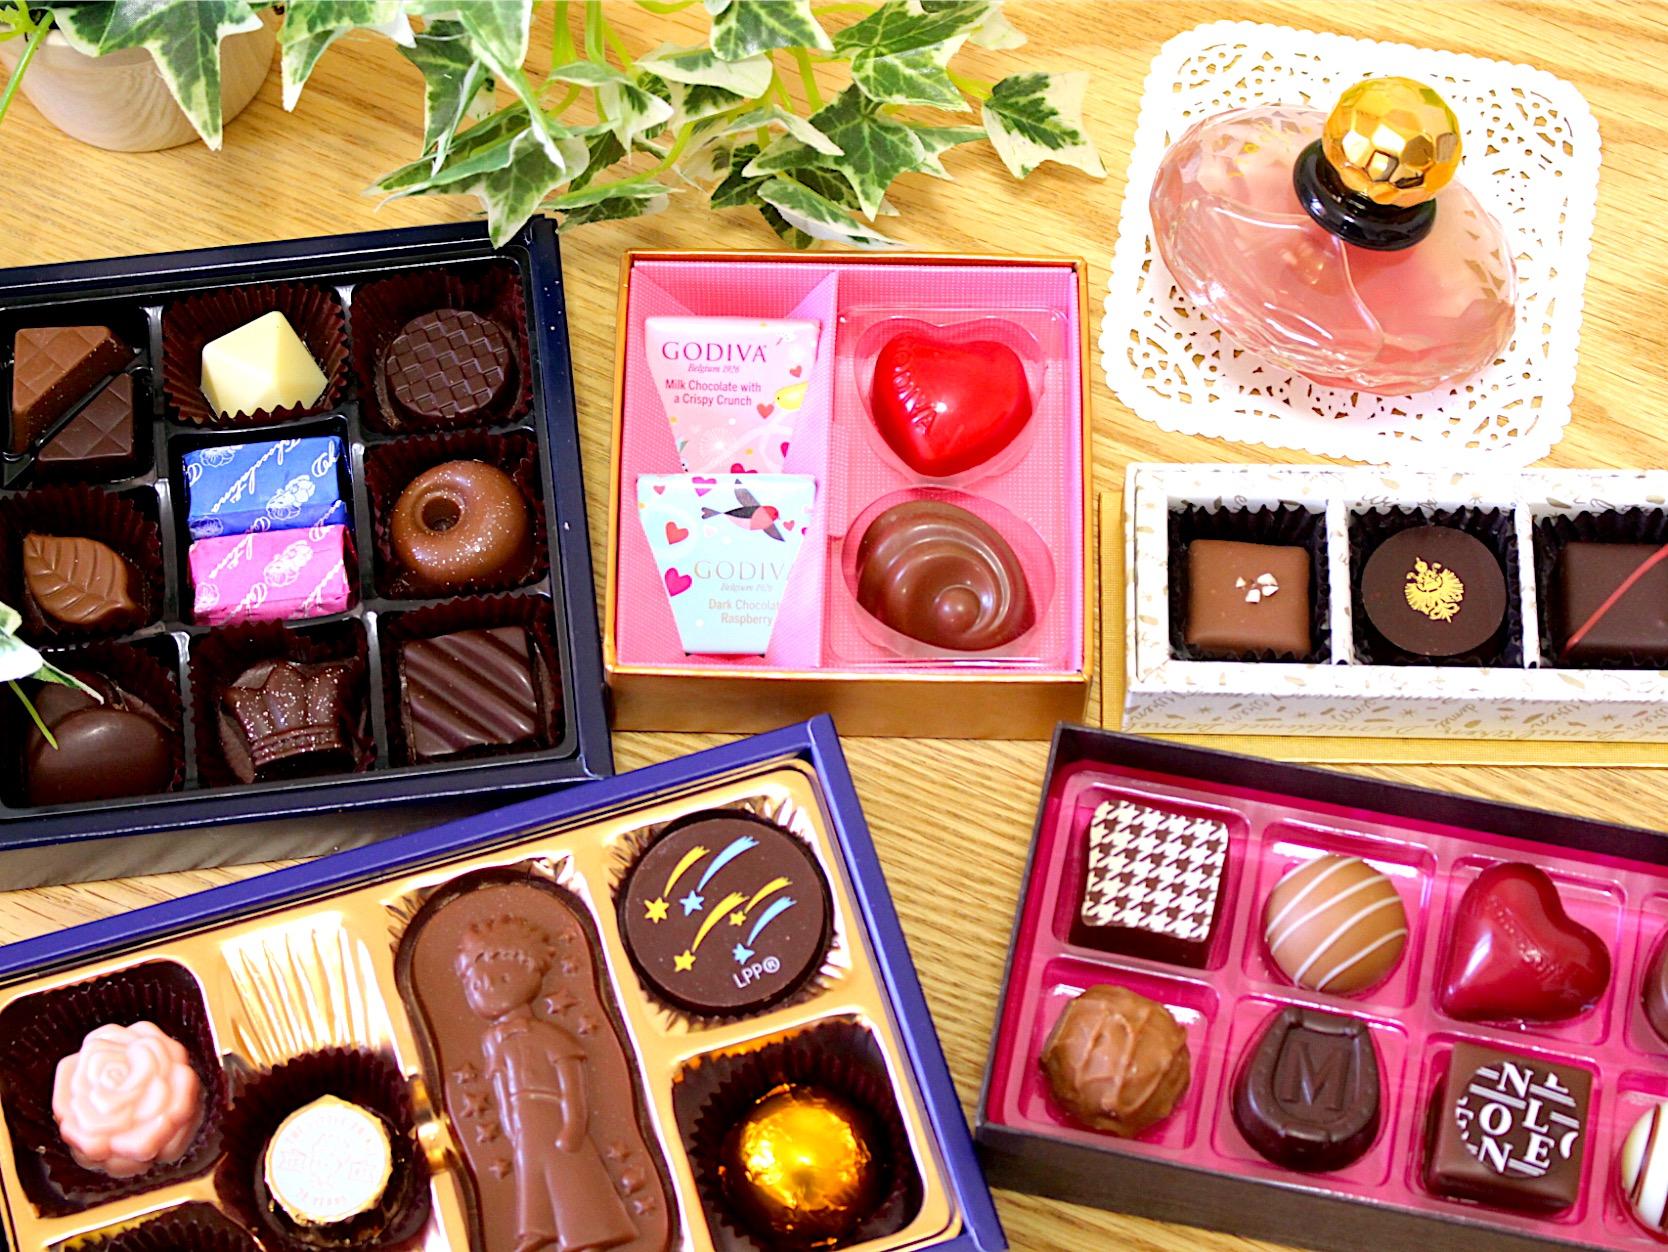 【バレンタイン チョコ】人気チョコブランド5店舗@買ってみたよ